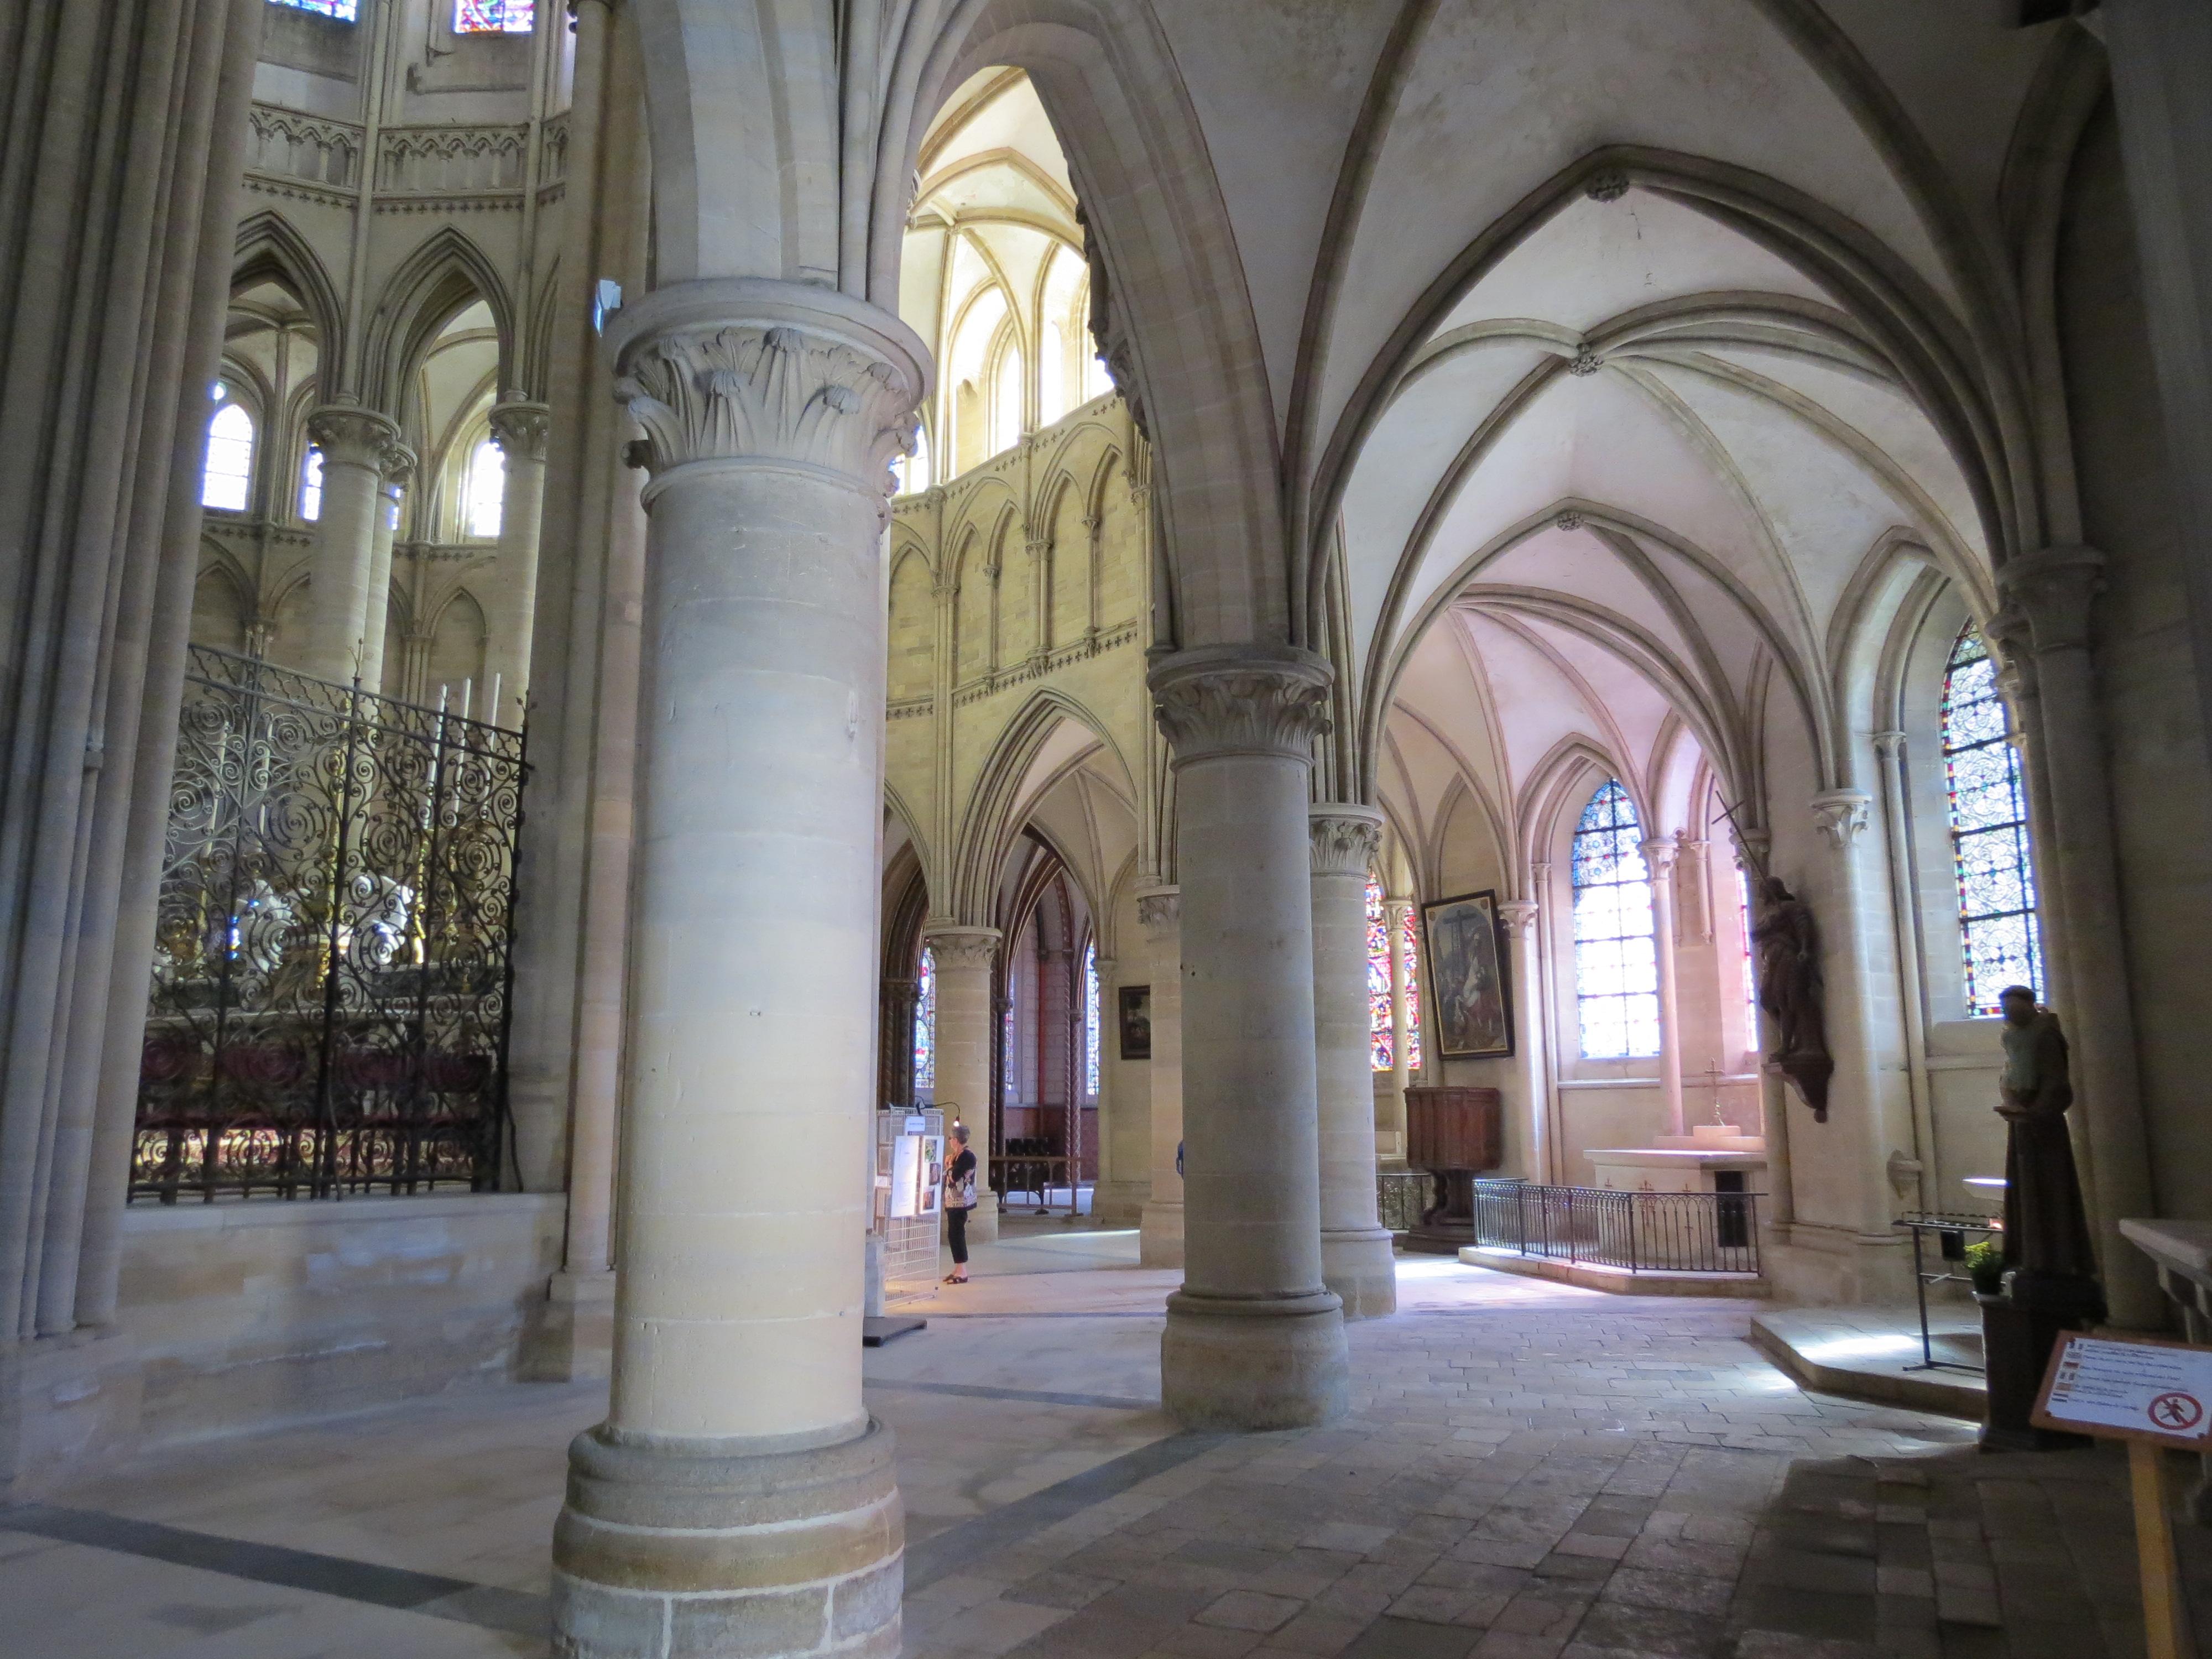 Mais comment Notre-Dame de Paris a-t-elle pu brûler ? - Page 7 D%C3%A9ambulatoire_cath%C3%A9drale_Coutances